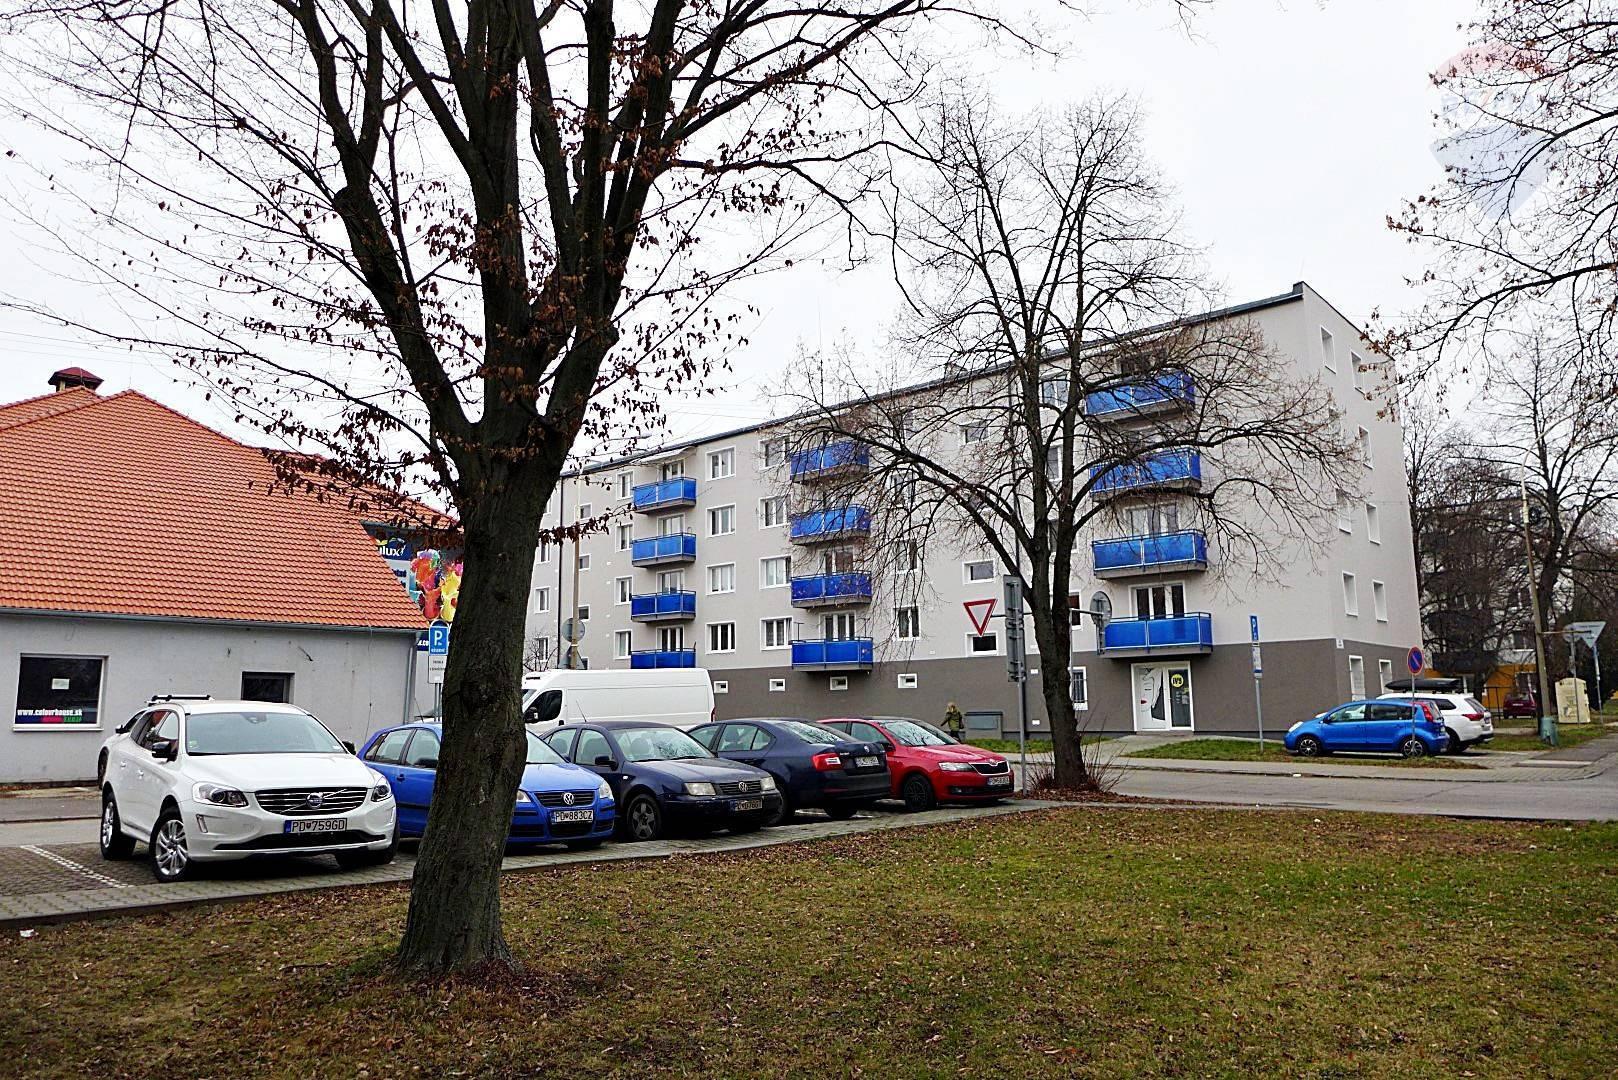 3 izb.byt, 63 m2,ul.Rastislavova,centrum mesta, balkón, bezbariérový prístup, parkovanie - PRIEVIDZA